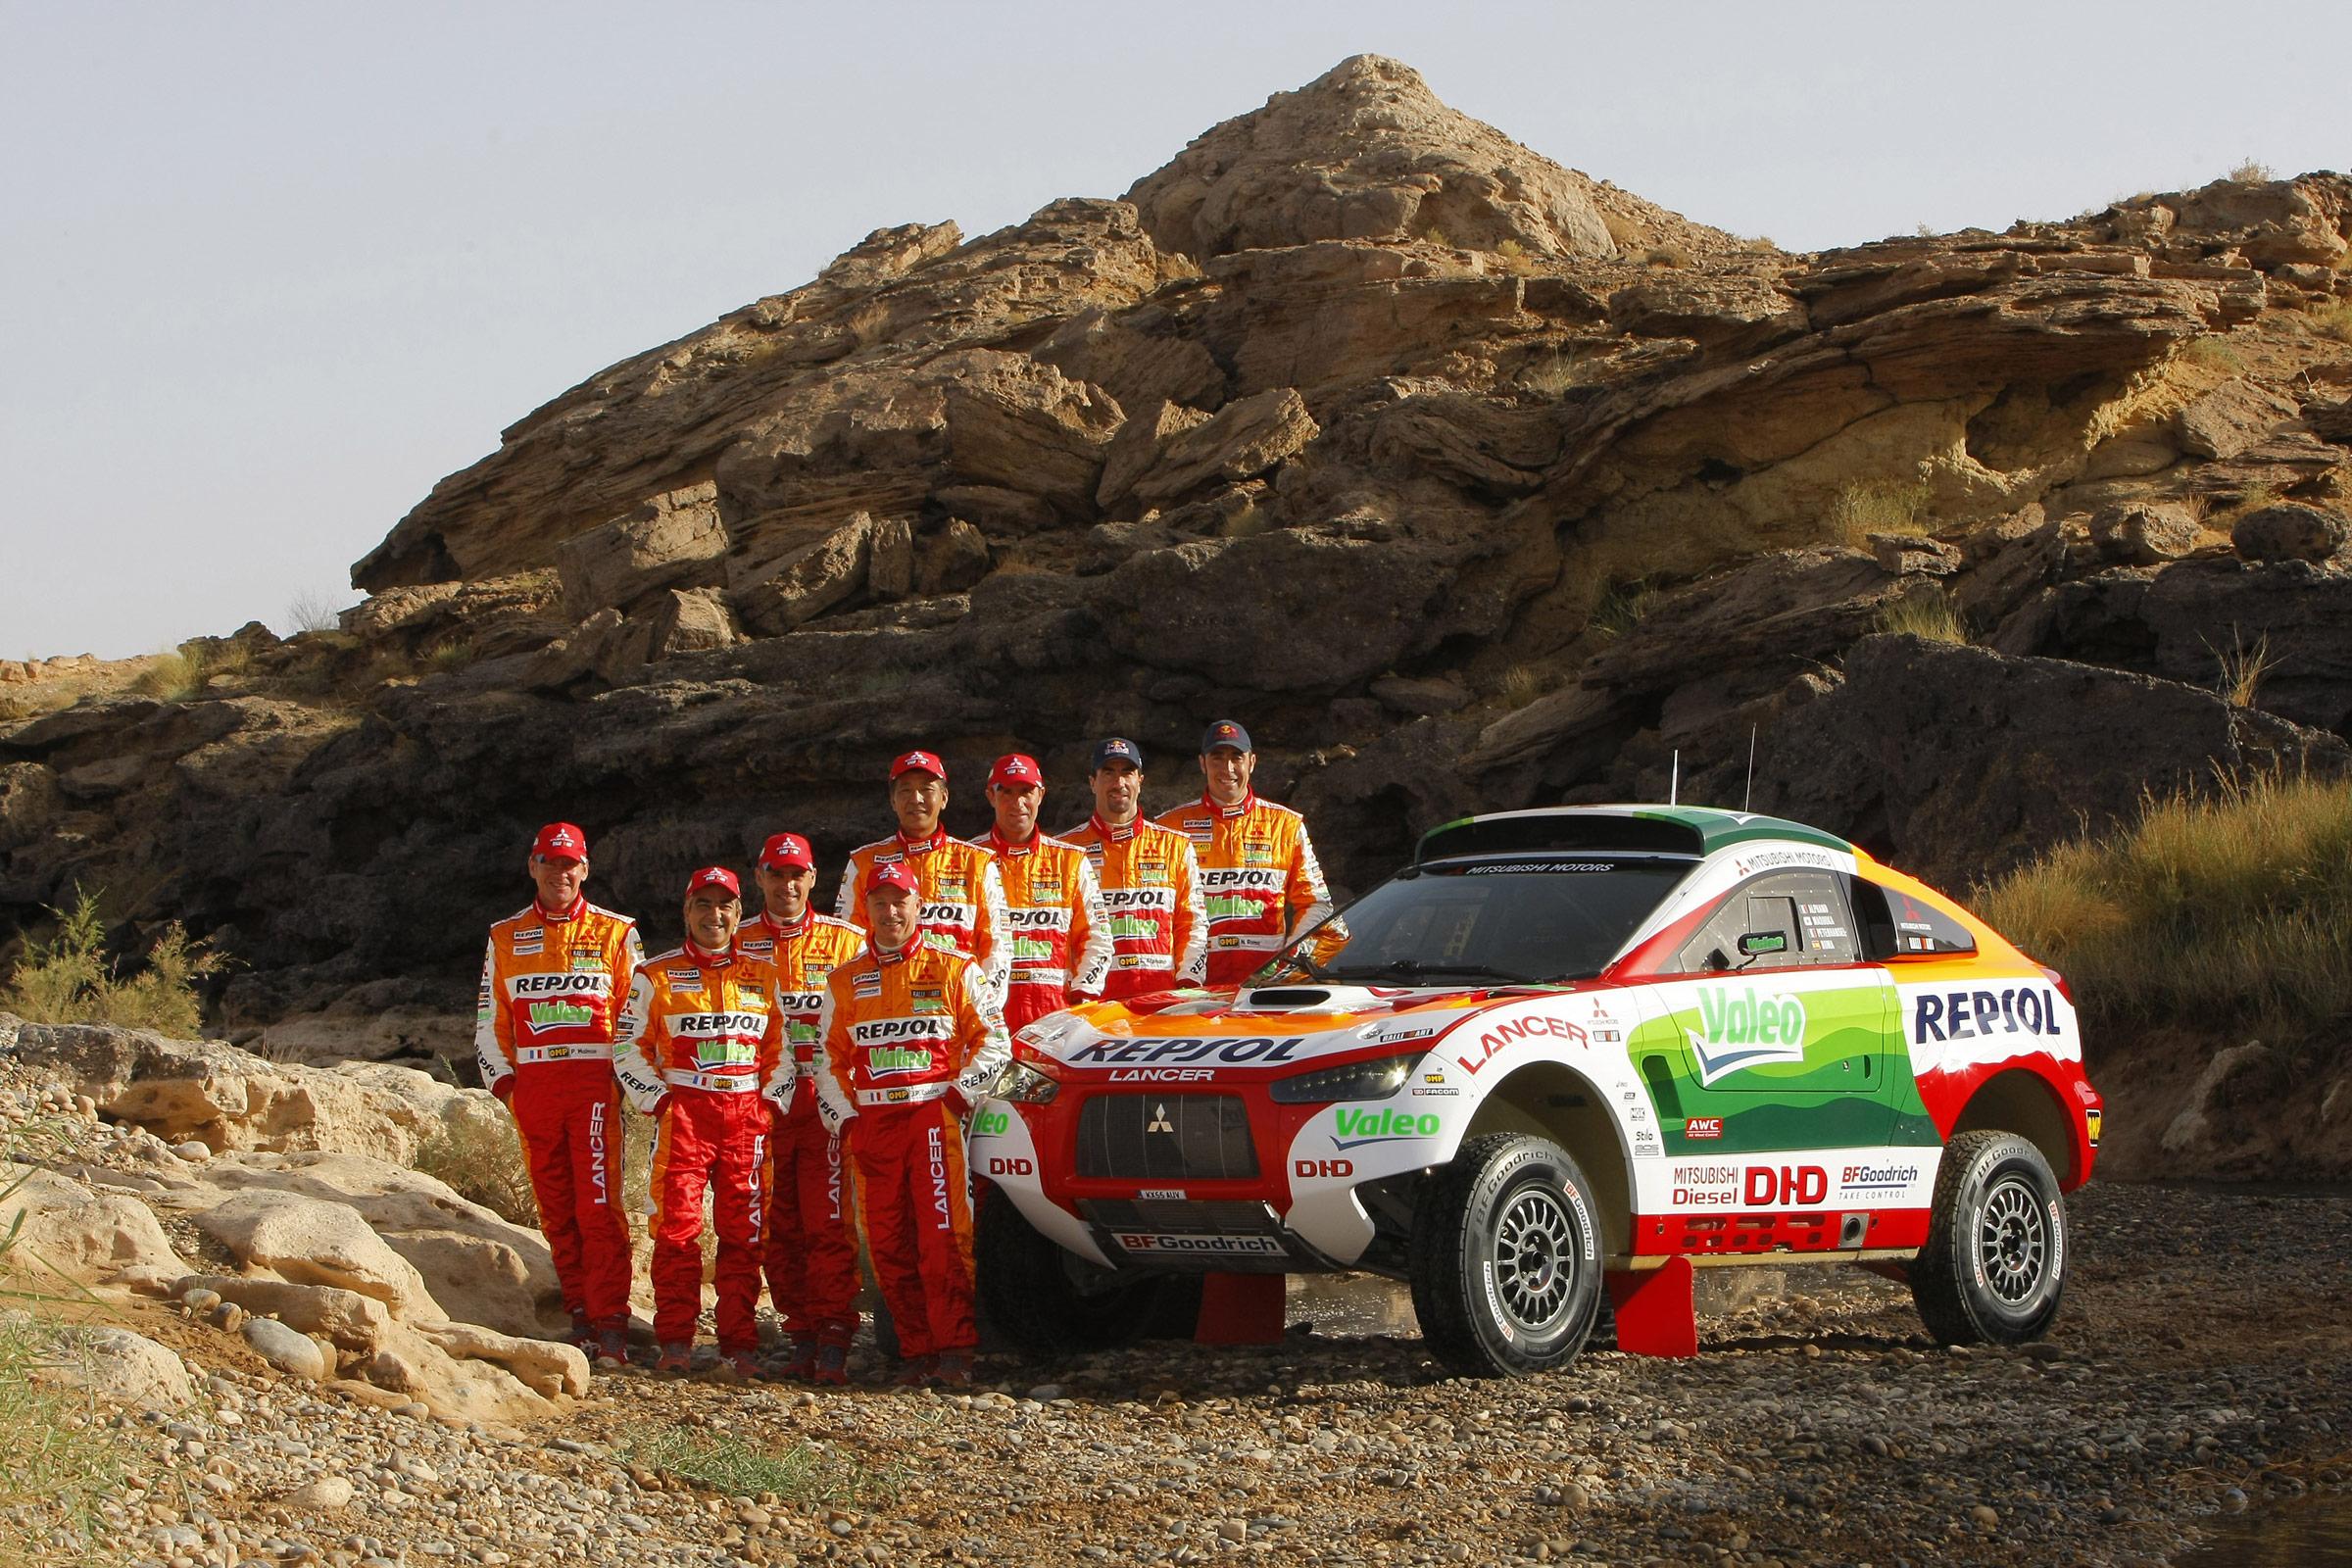 Dakar, car rally, Команда гонщиков MITSUBISHI Lancer, скачать фото, обои для рабочего стола, Дакар